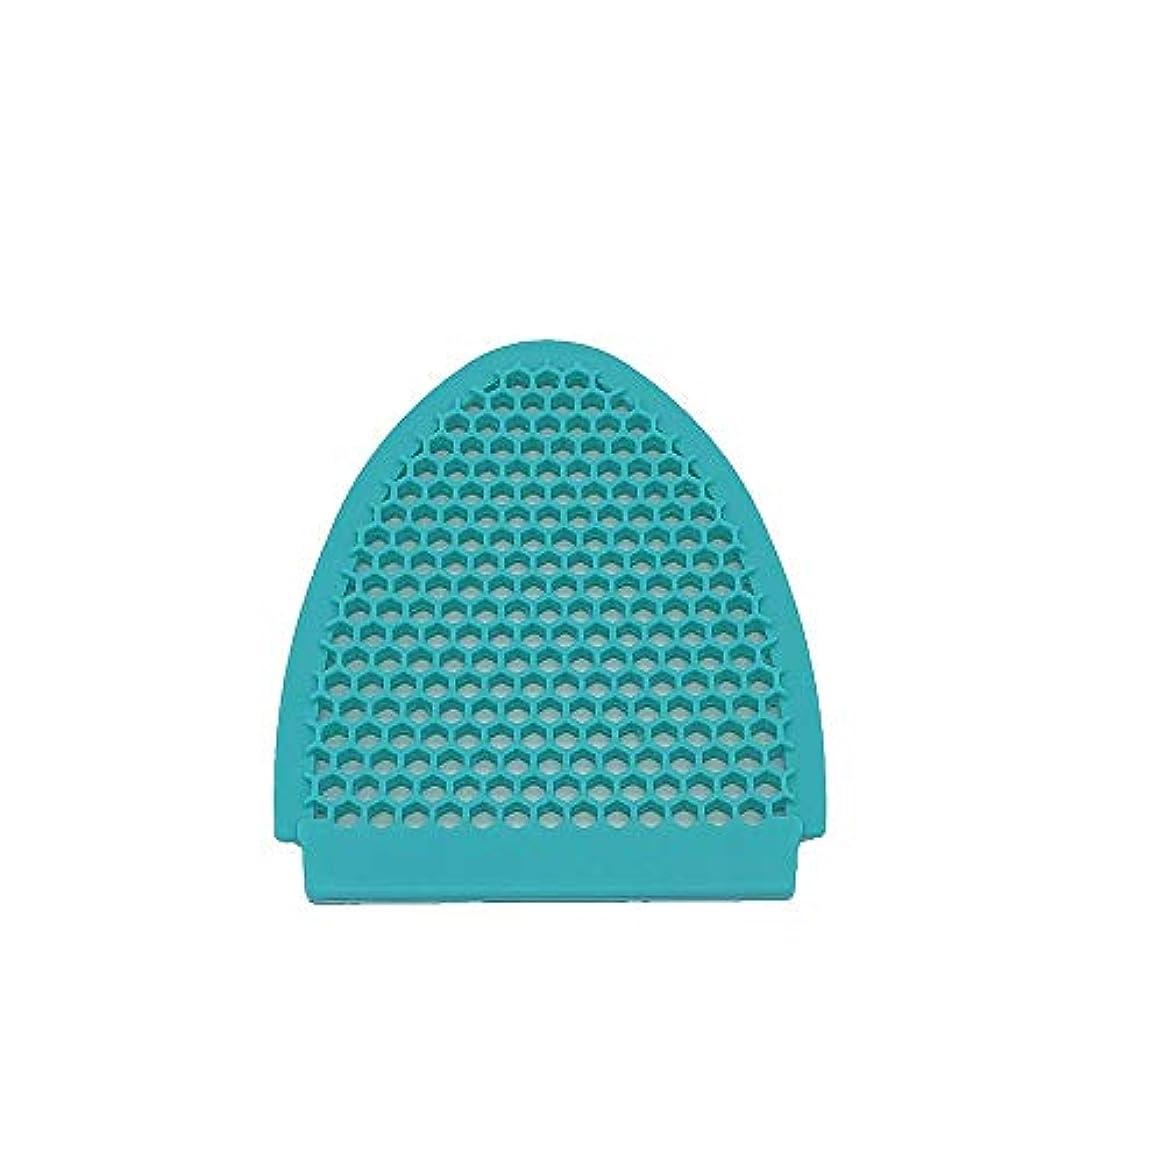 スリム詩人楽な5個セット シリコンブラシ シリコンスポンジ 洗顔 体洗い 多機能 角質除去 毛穴清潔 洗顔用フェイスブラシ (Color : Green)